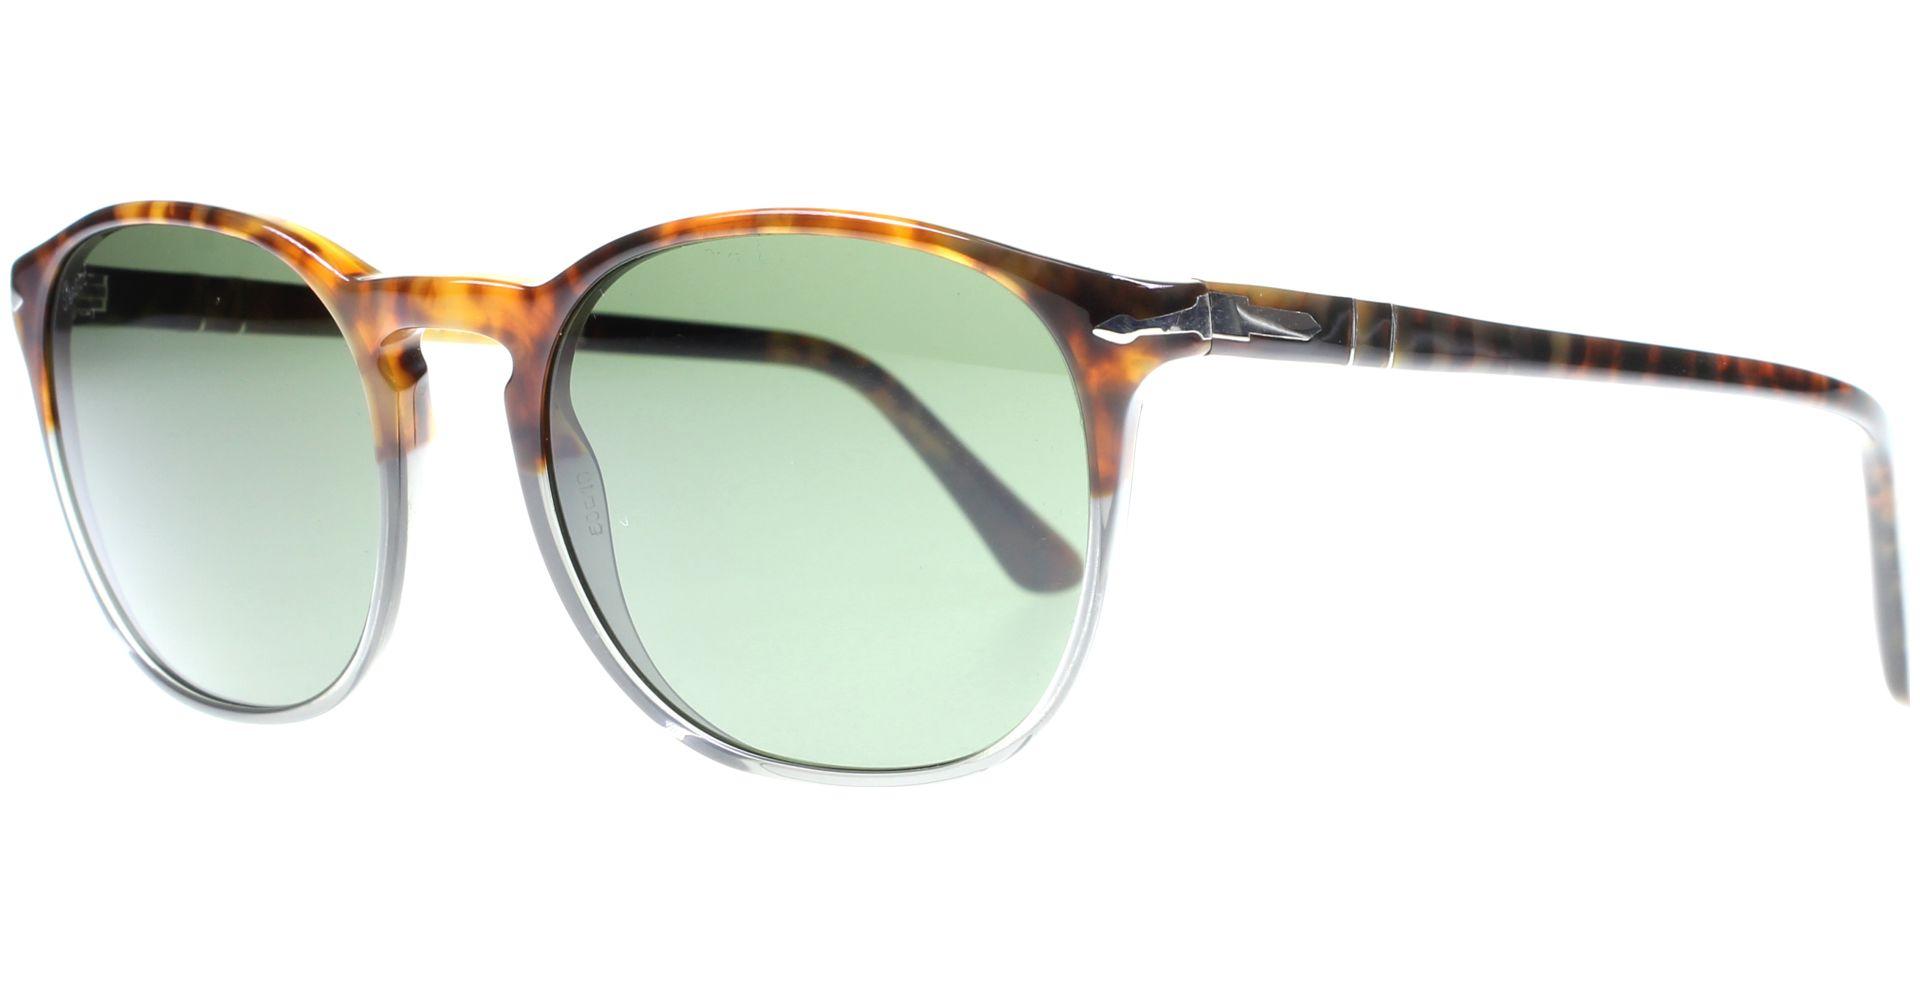 Persol 3007-S 1023/31 Sonnenbrille Herrenbrille yzdR3CQR0